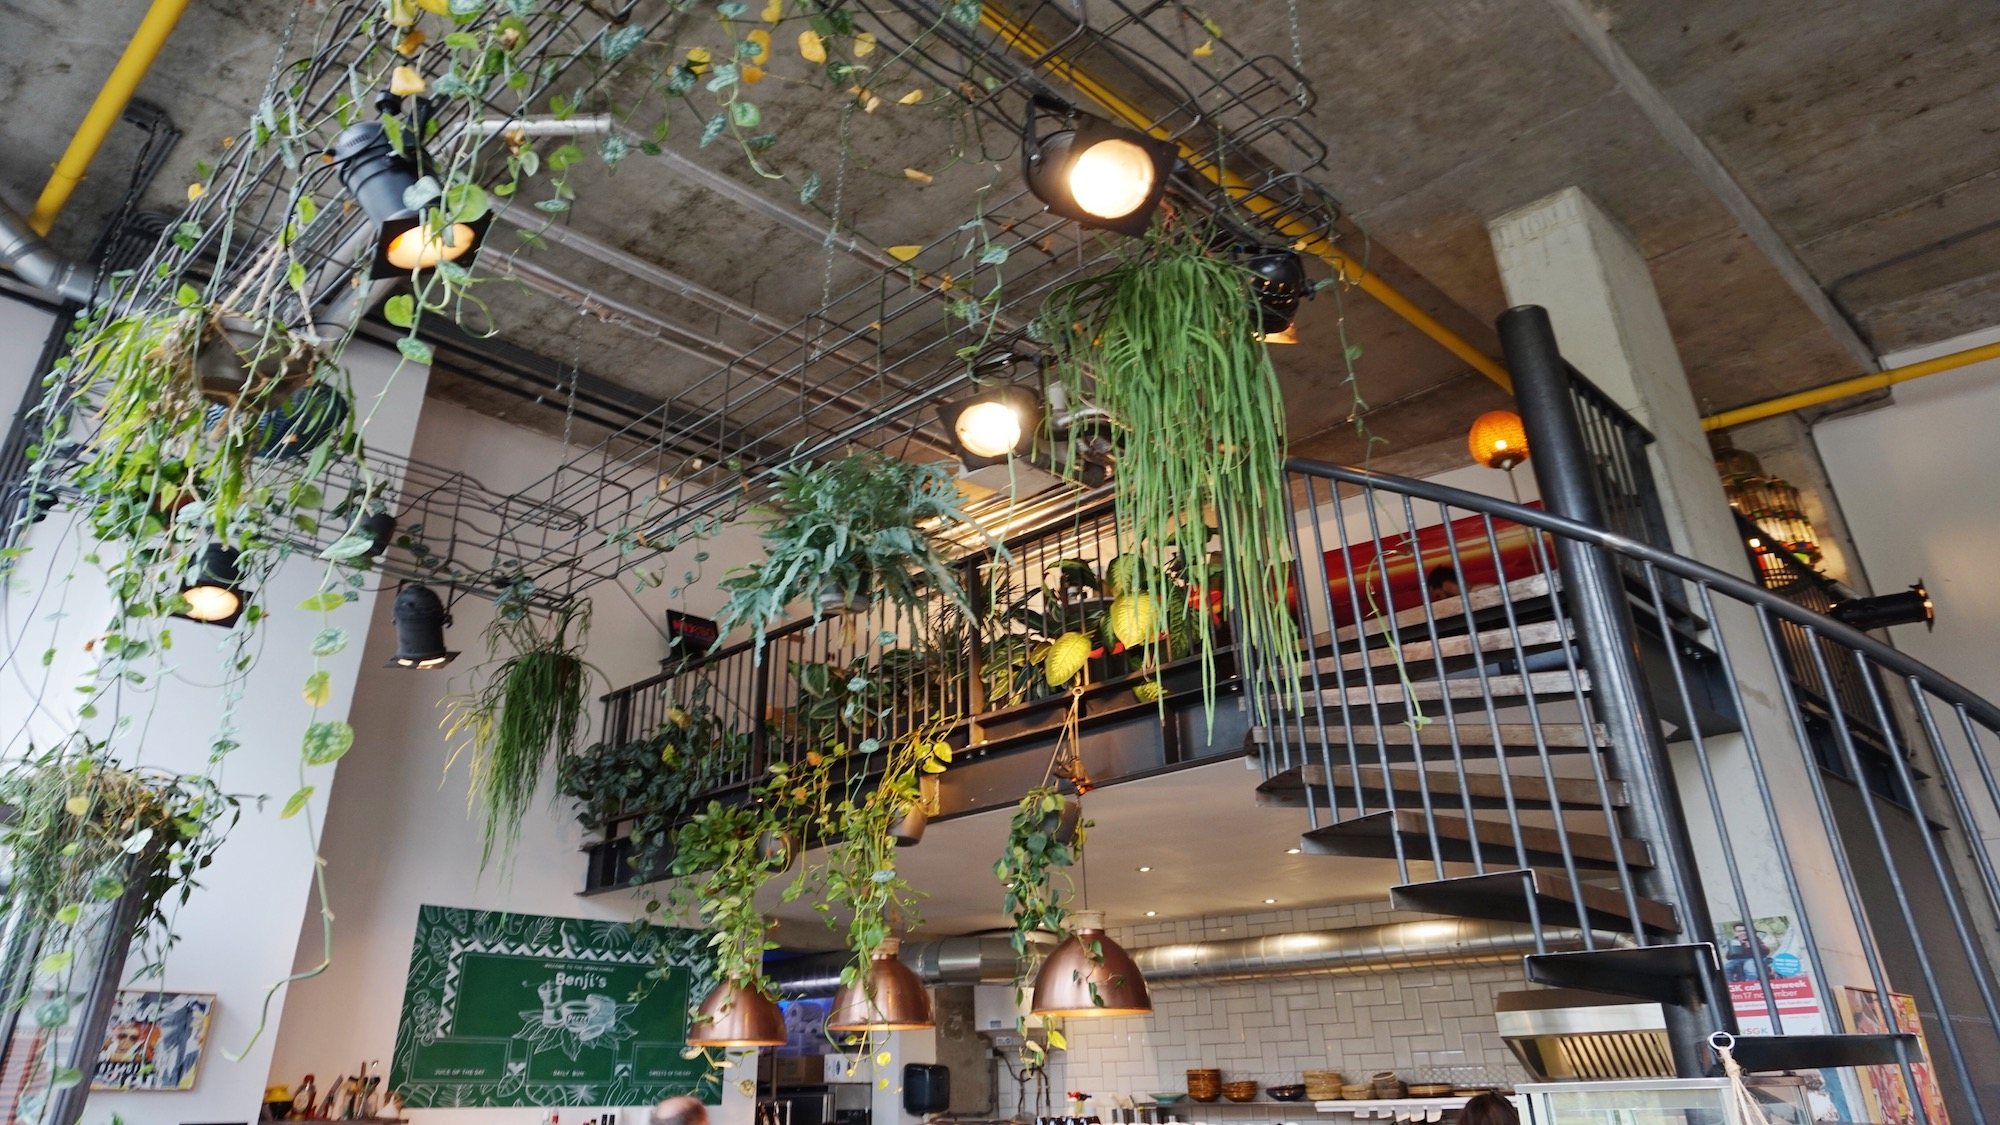 Benji's Amsterdam